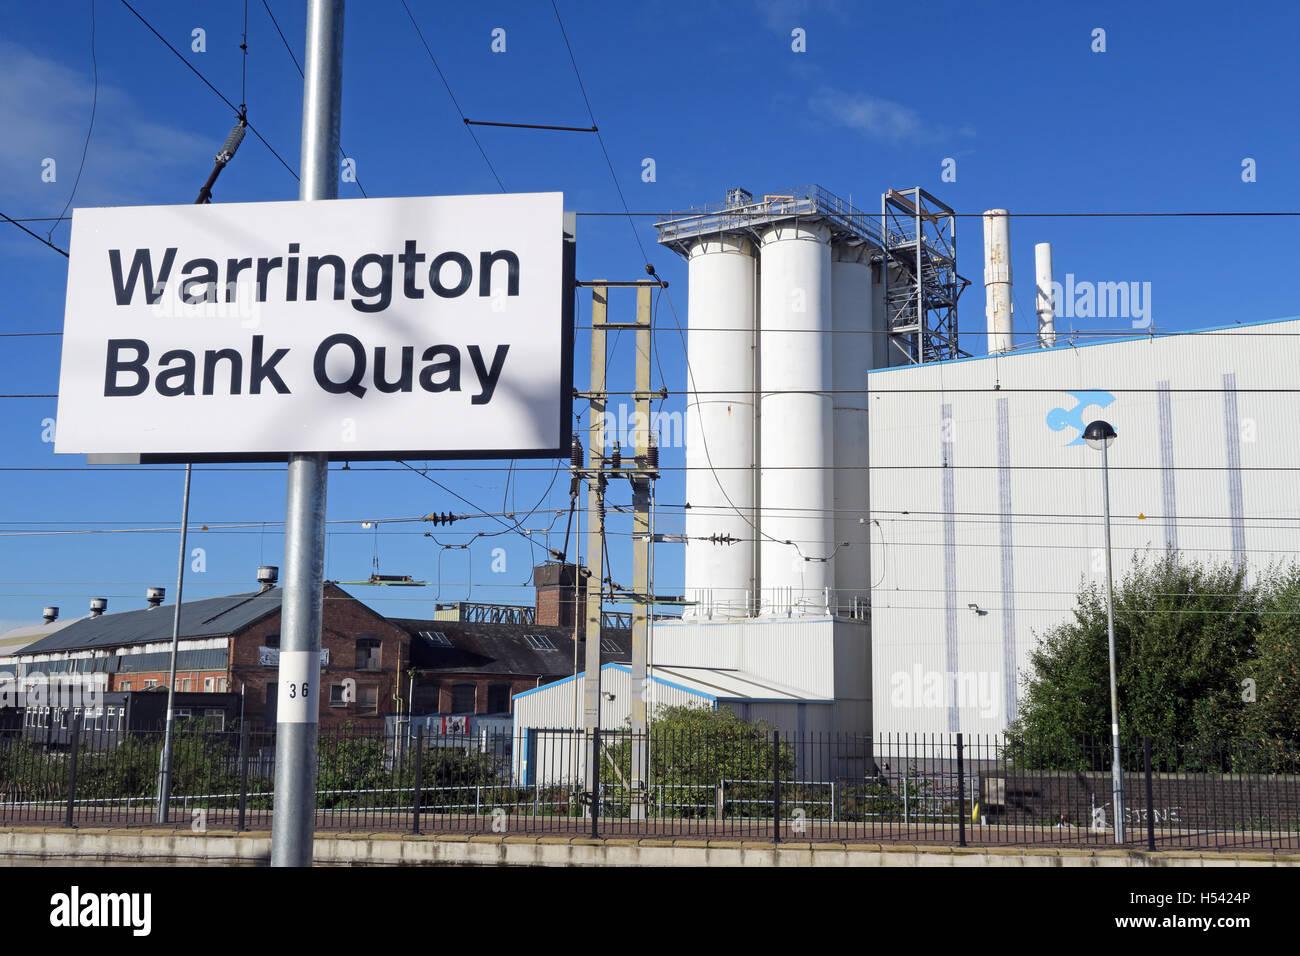 Laden Sie dieses Alamy Stockfoto Warrington Bank Quay Bahnhof, WCML Cheshire, England, UK-Zeichen & Kreuzungsfeldern Fabrik - H5424P